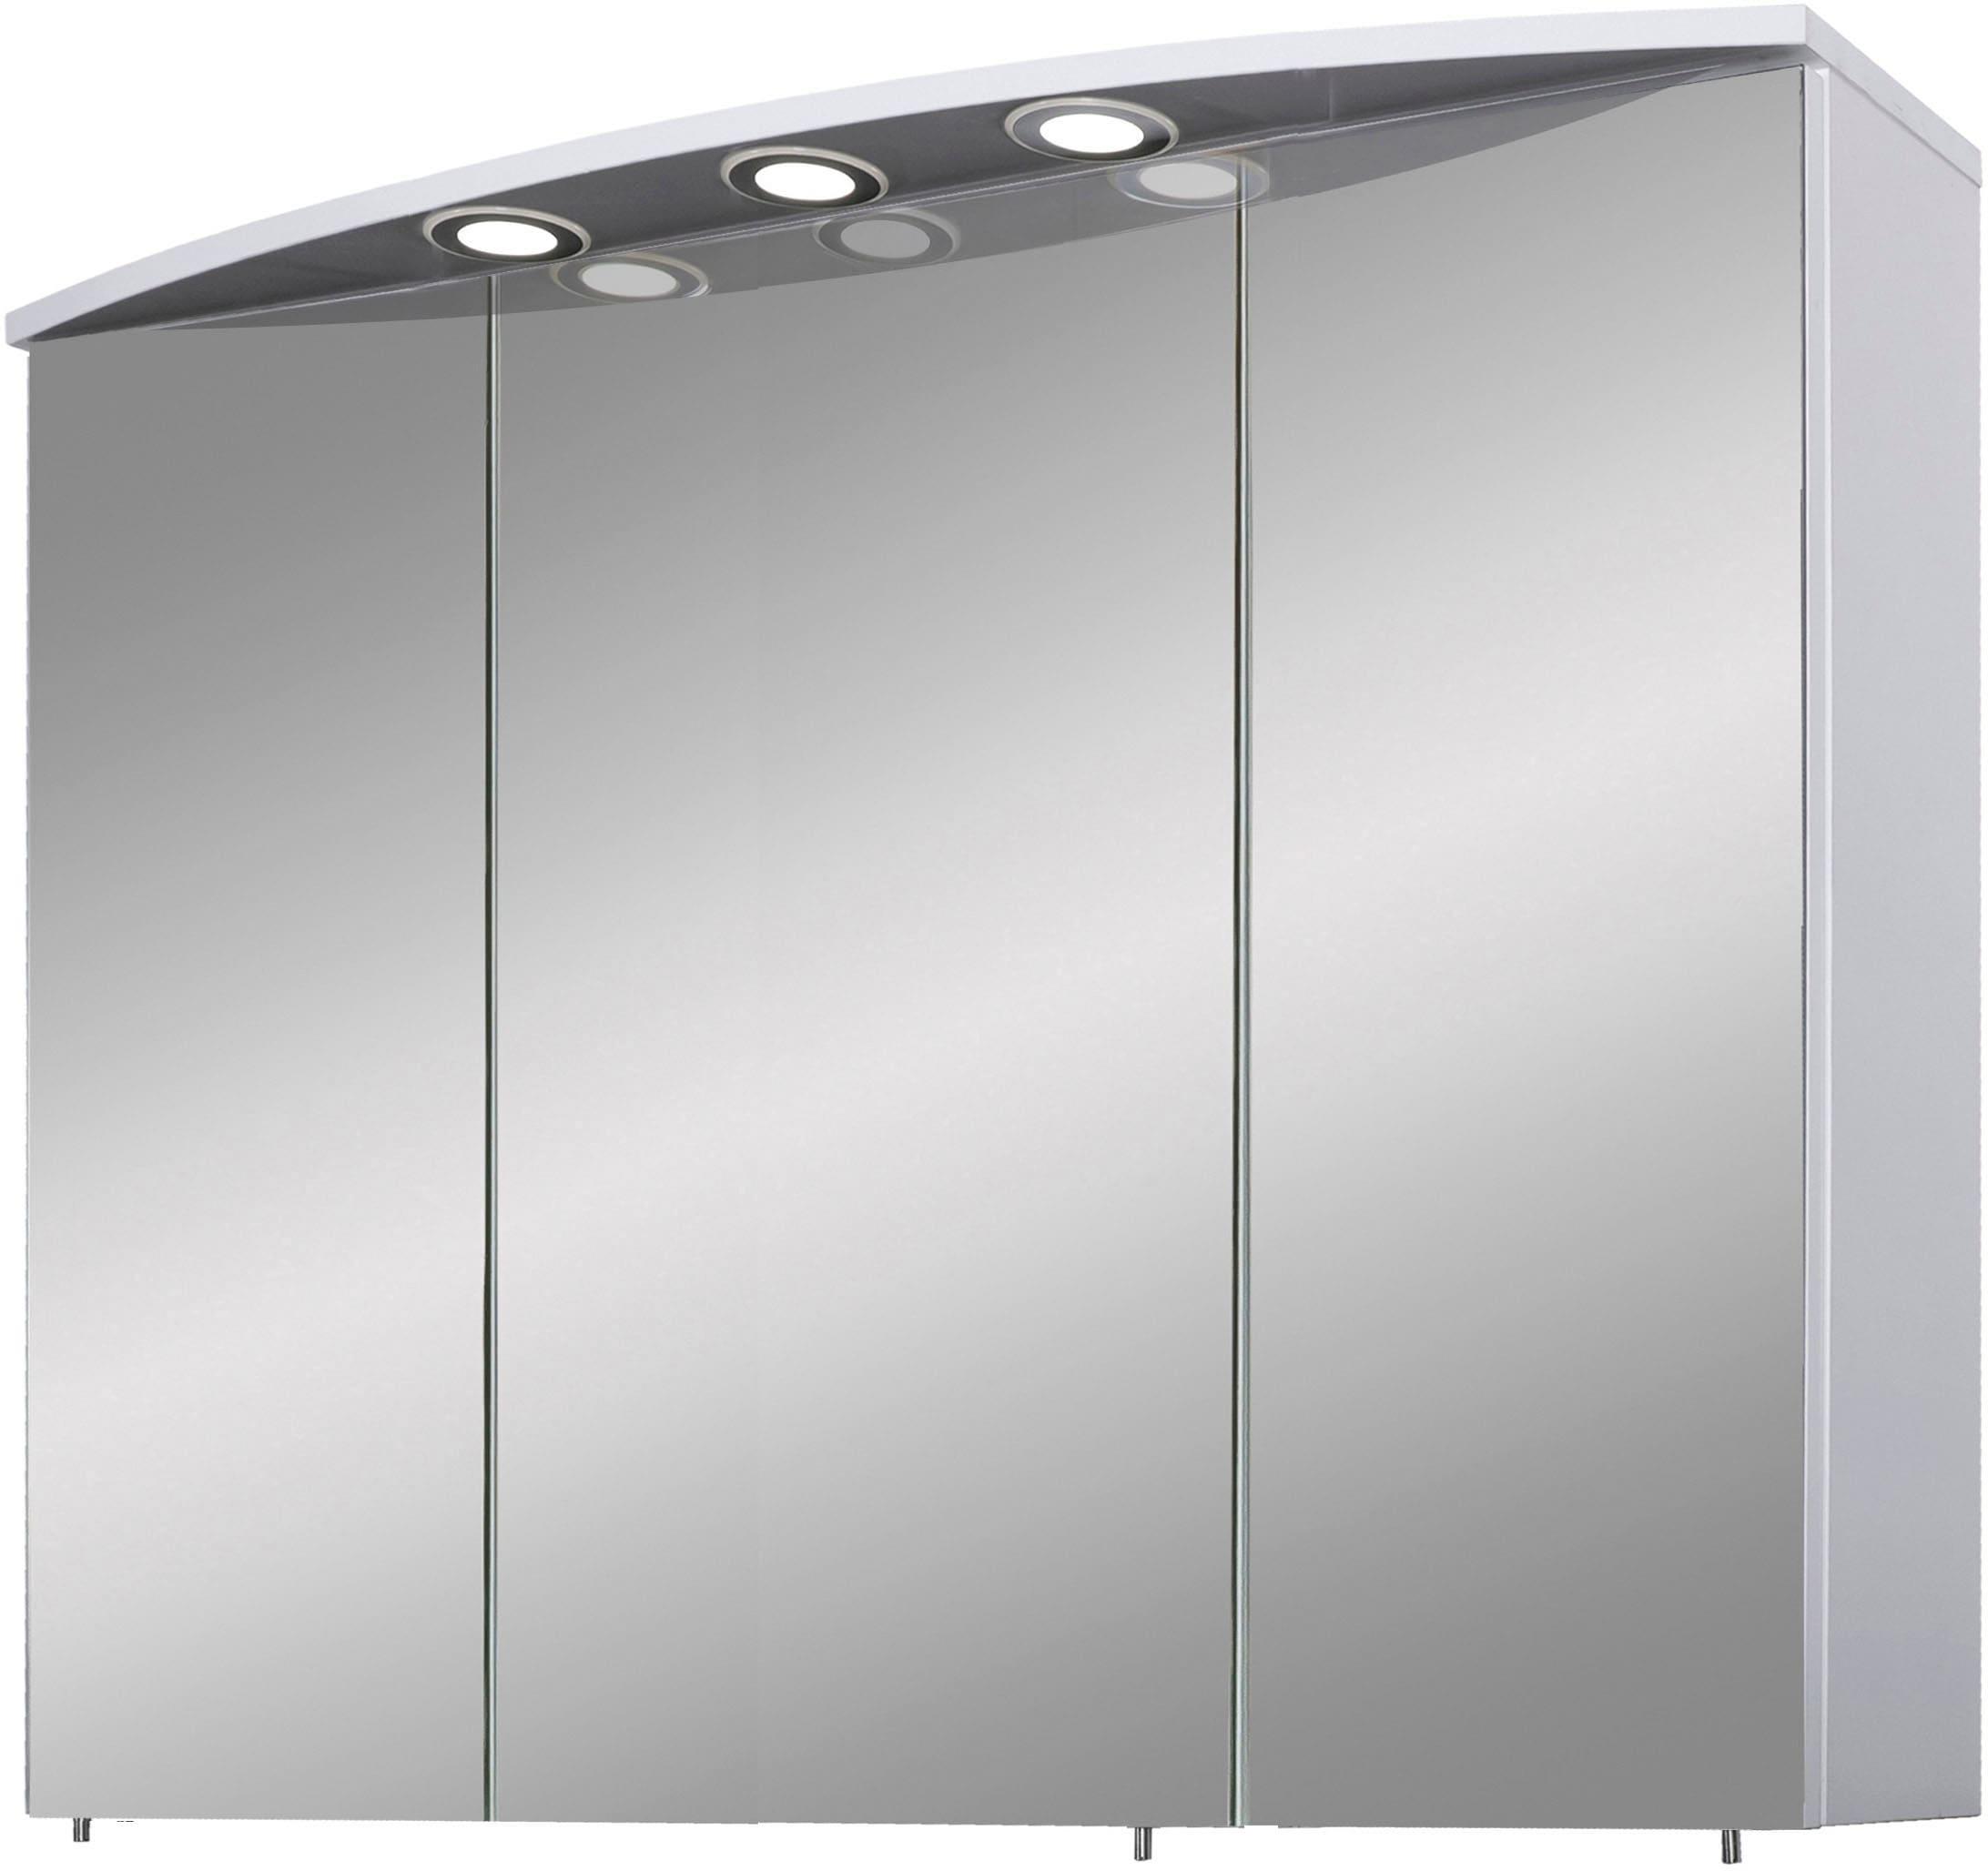 Schildmeyer Spiegelschrank Verona, Breite 100 cm, 3-türig, 3 LED-Einbaustrahler, Schalter-/Steckdosenbox, Glaseinlegeböden, Made in Germany